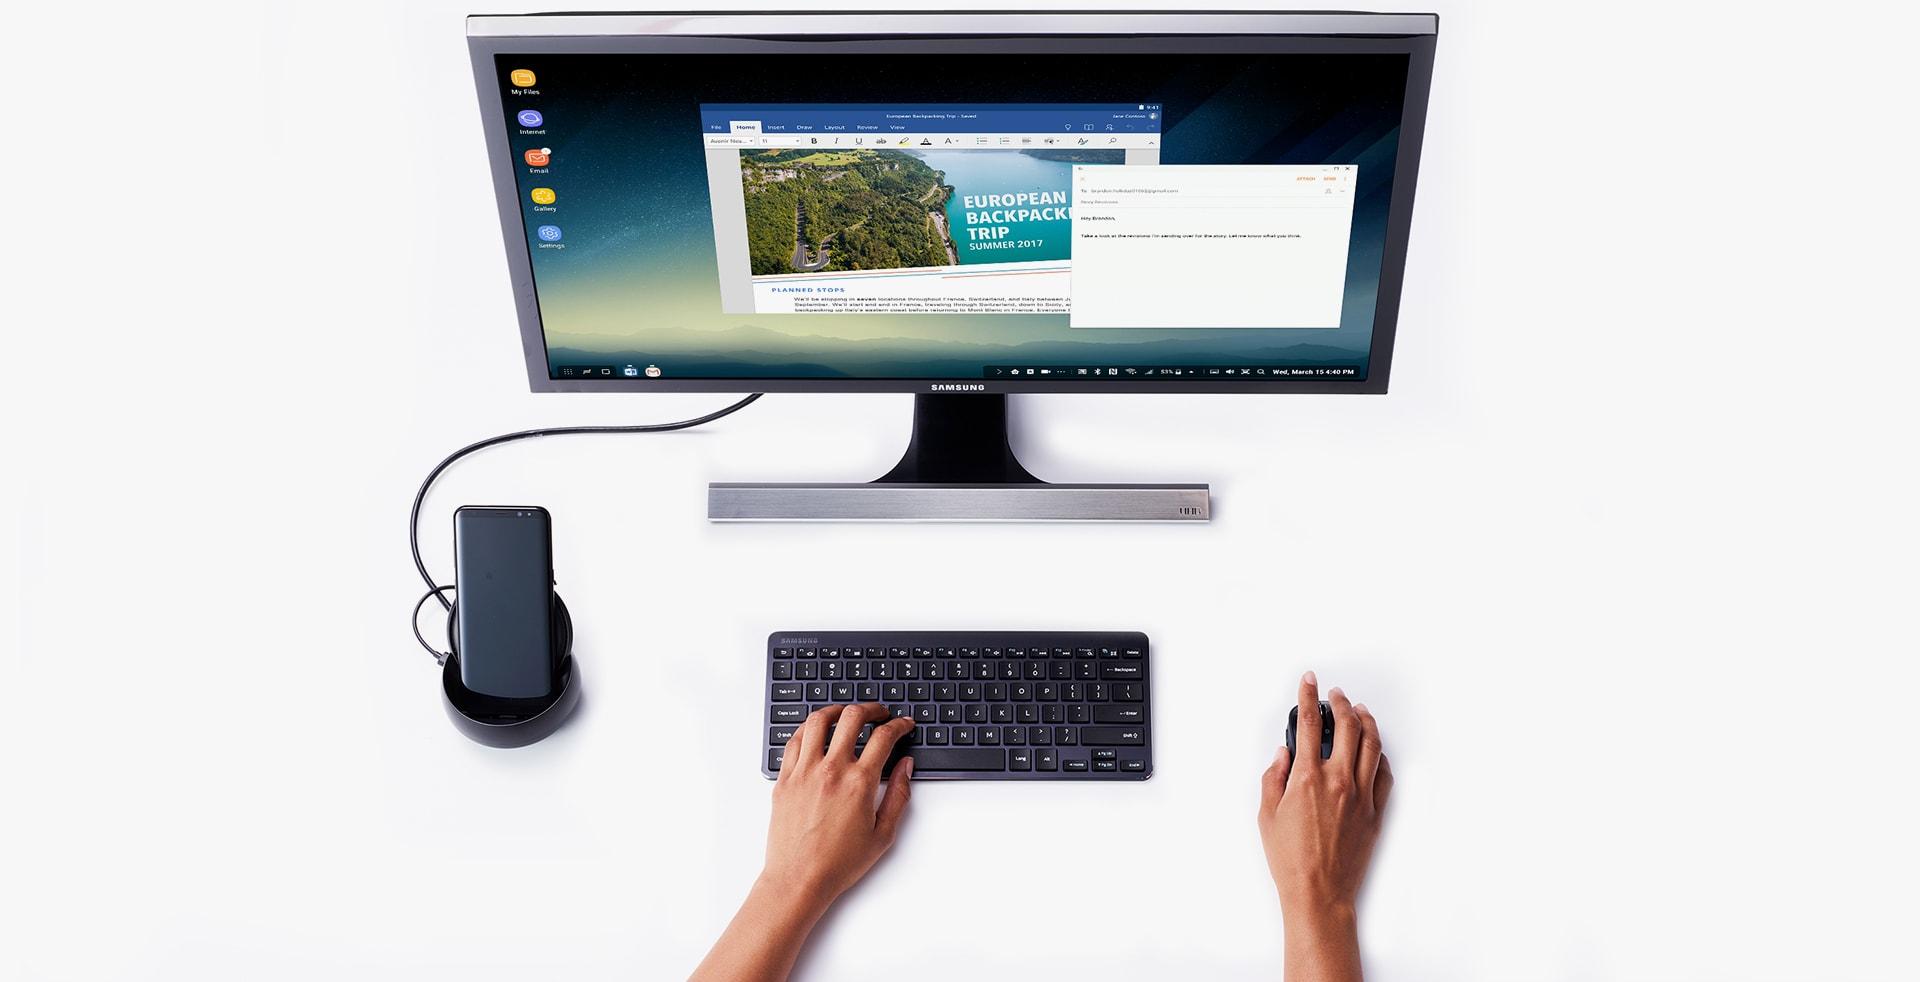 iPadOS 15 review: iPadOS really needs a Samsung DeX-like desktop mode